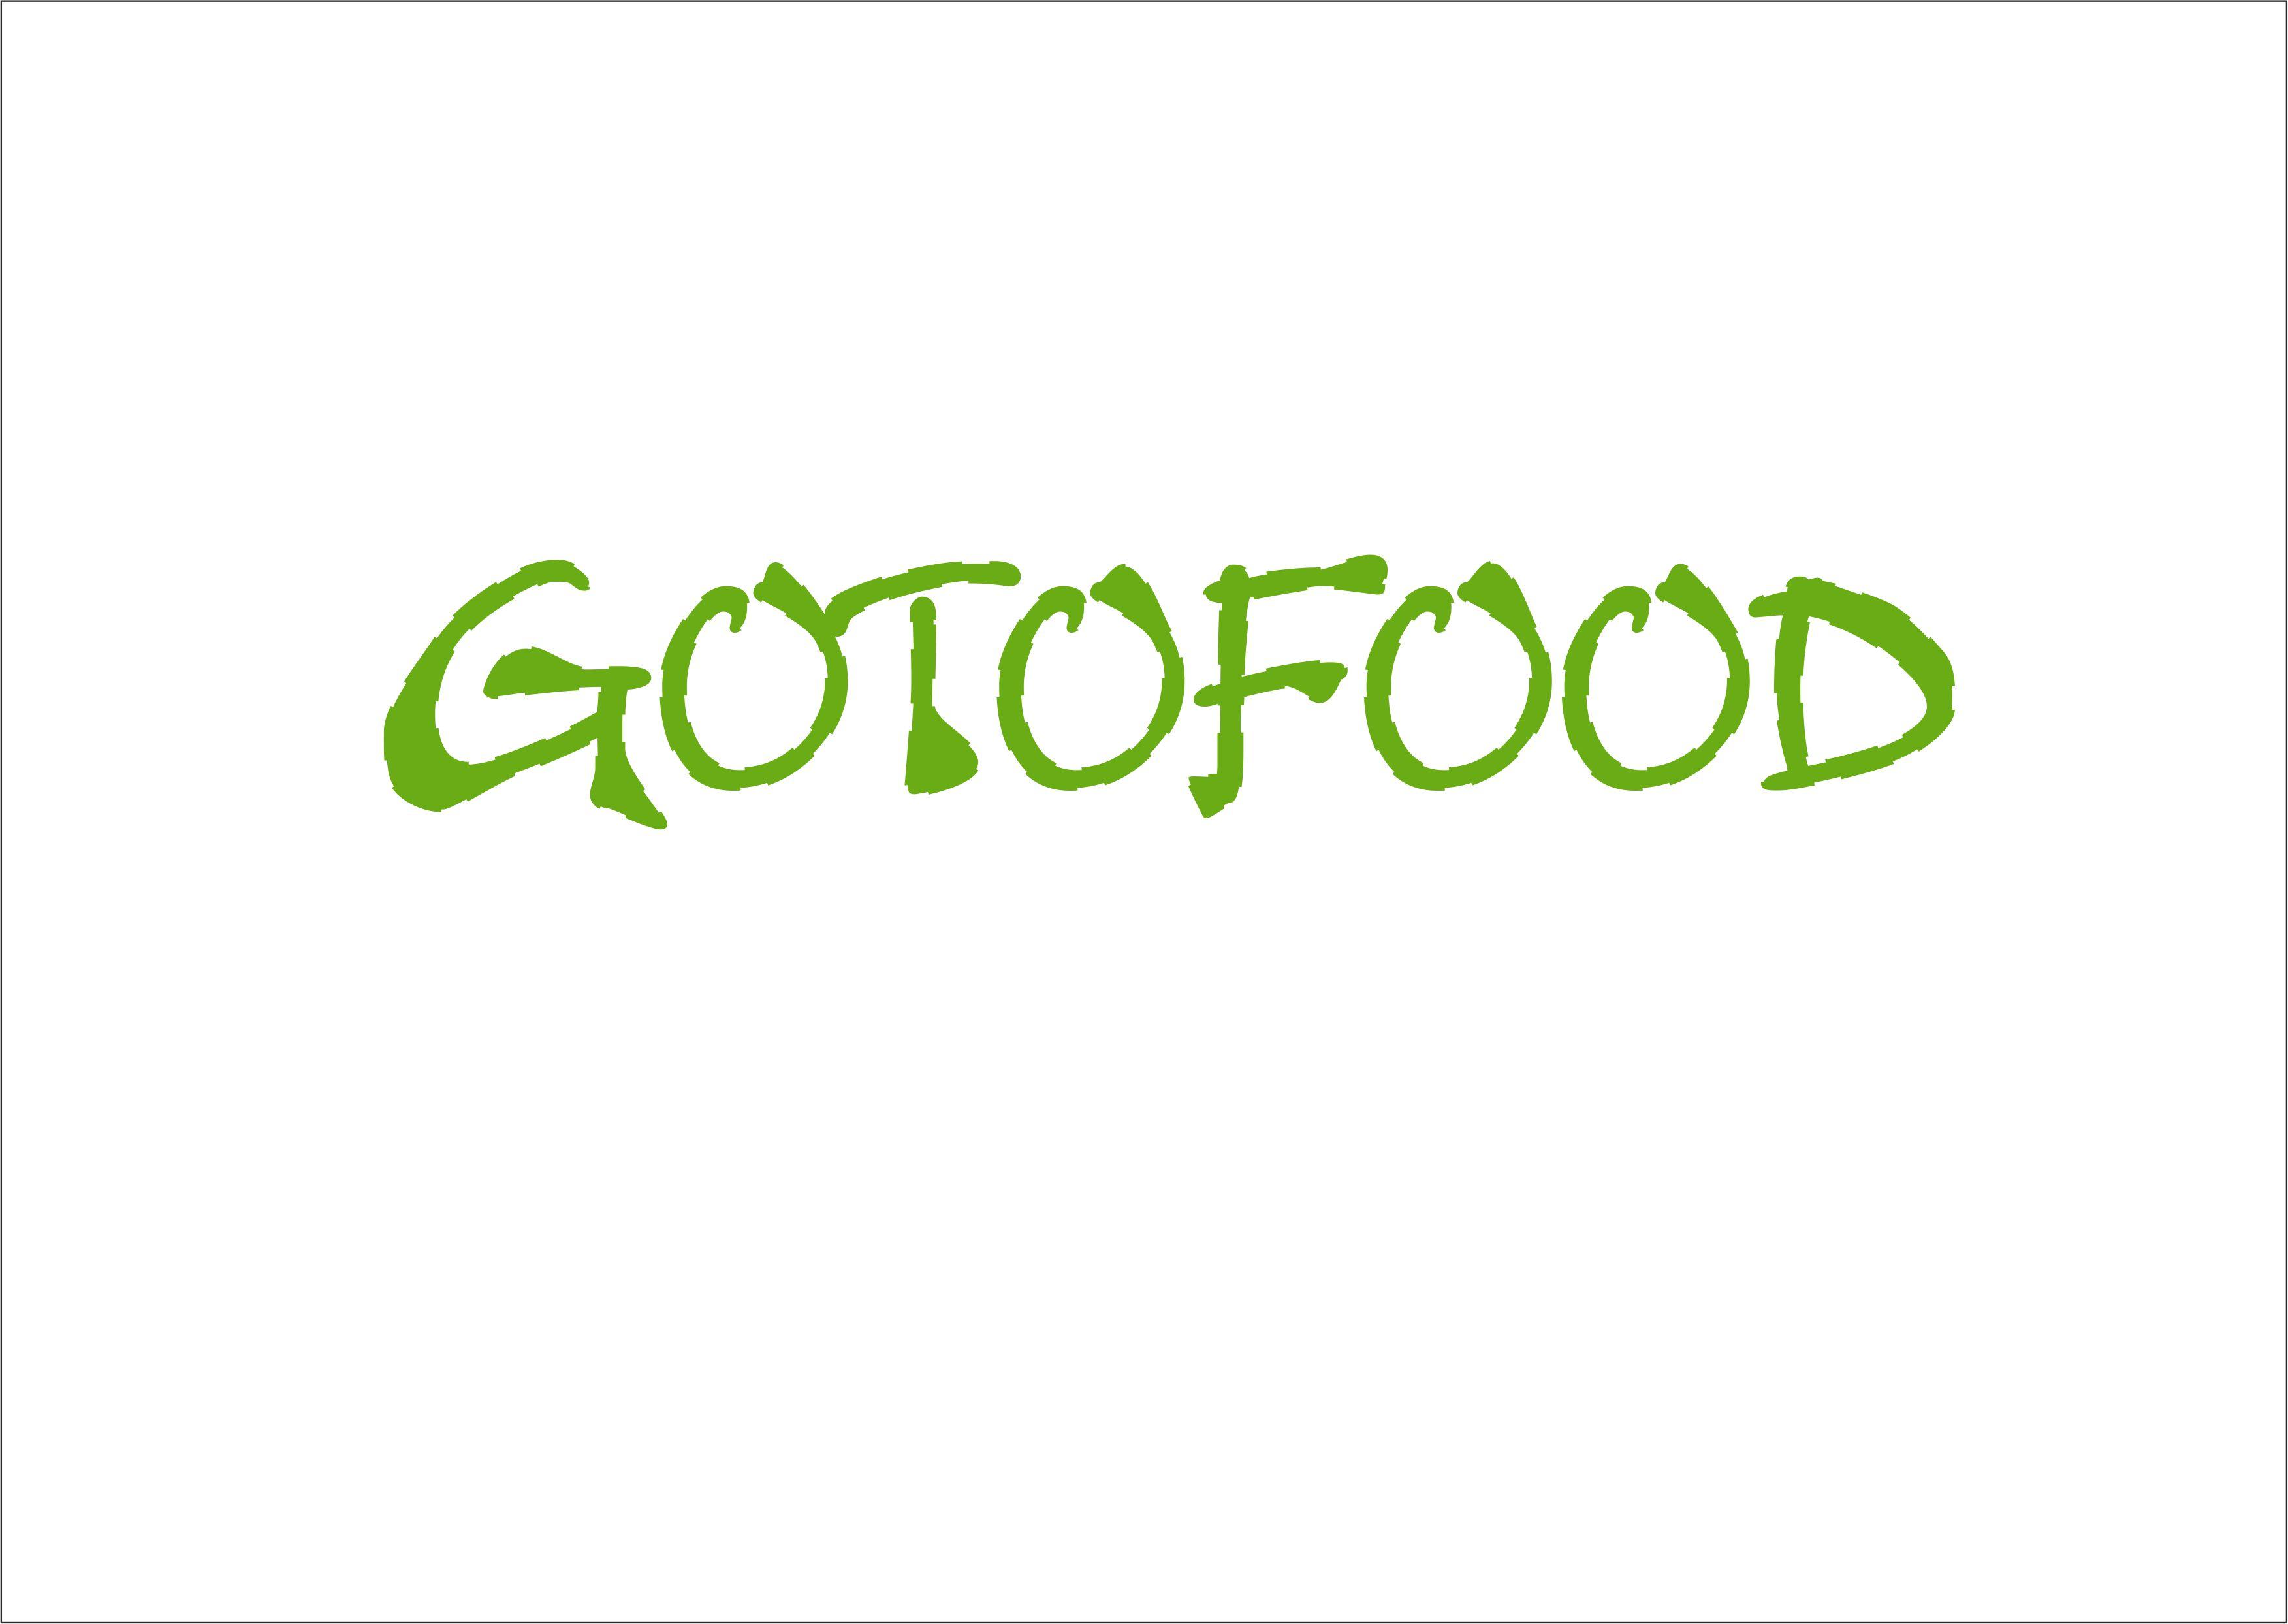 Логотип интернет-магазина здоровой еды фото f_8465cd300cf66819.jpg